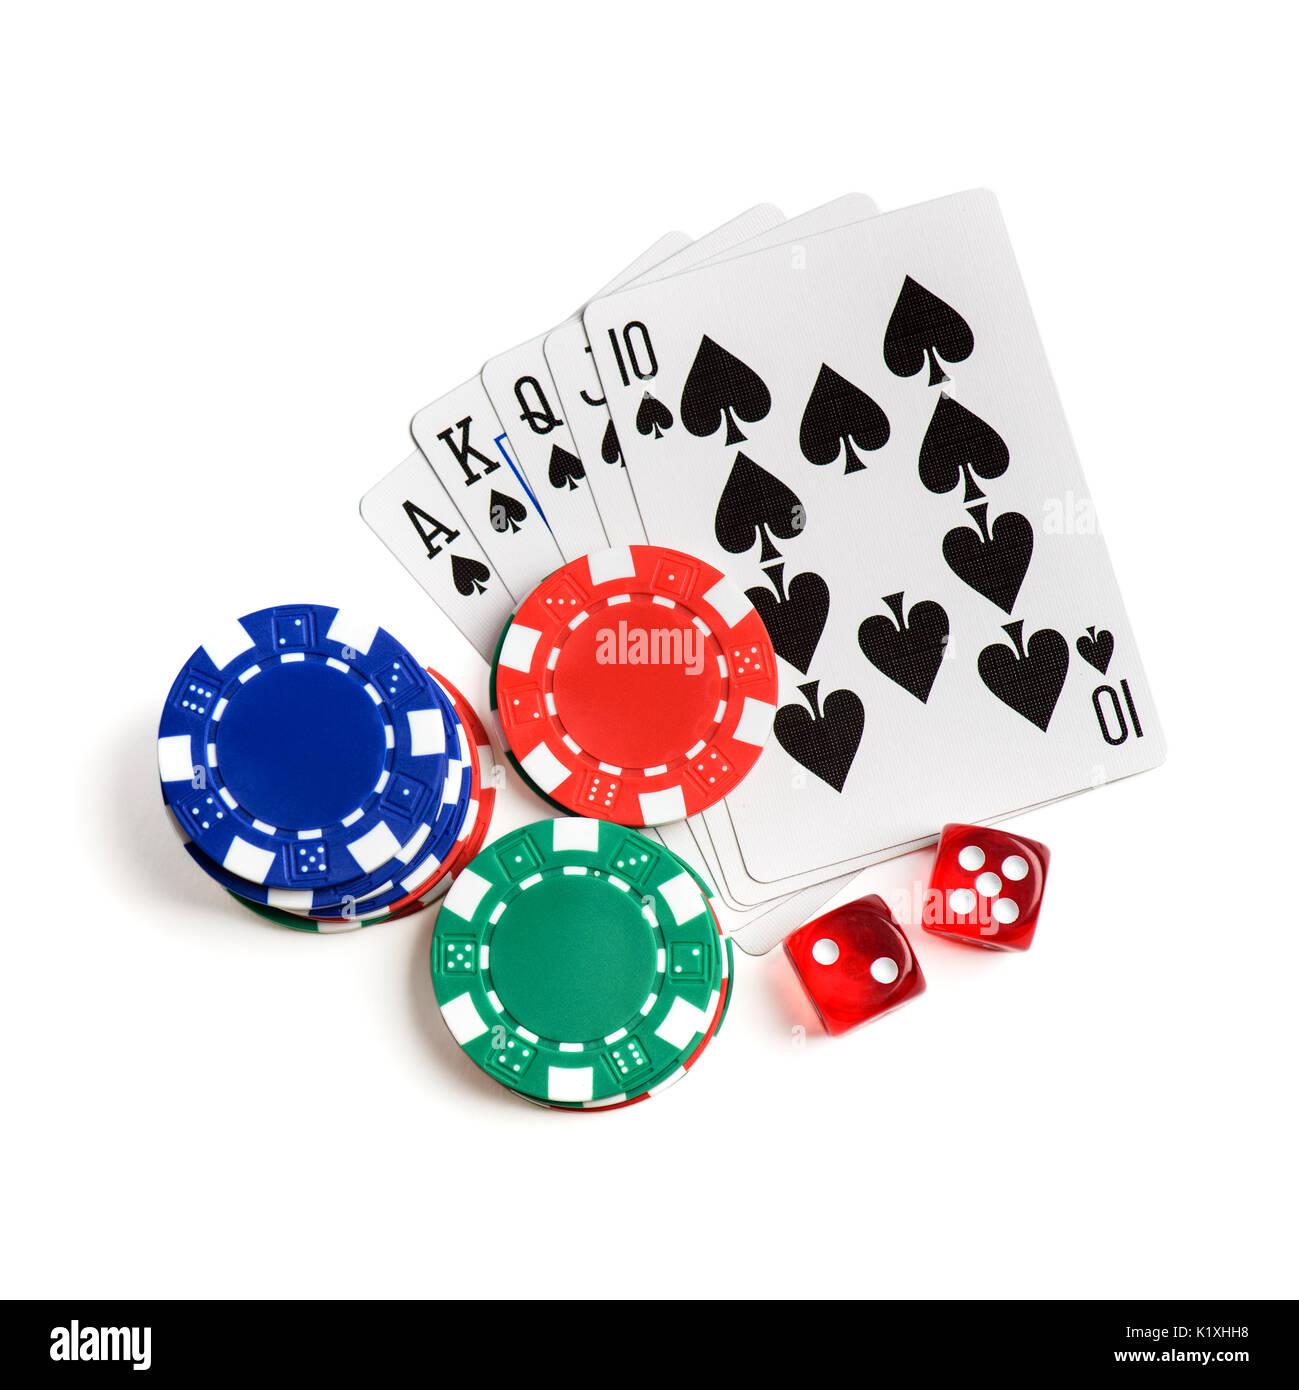 Rote Würfel, Karten spielen wie Royal Flush und Chips auf weißen isoliert. Ansicht von oben Stockbild